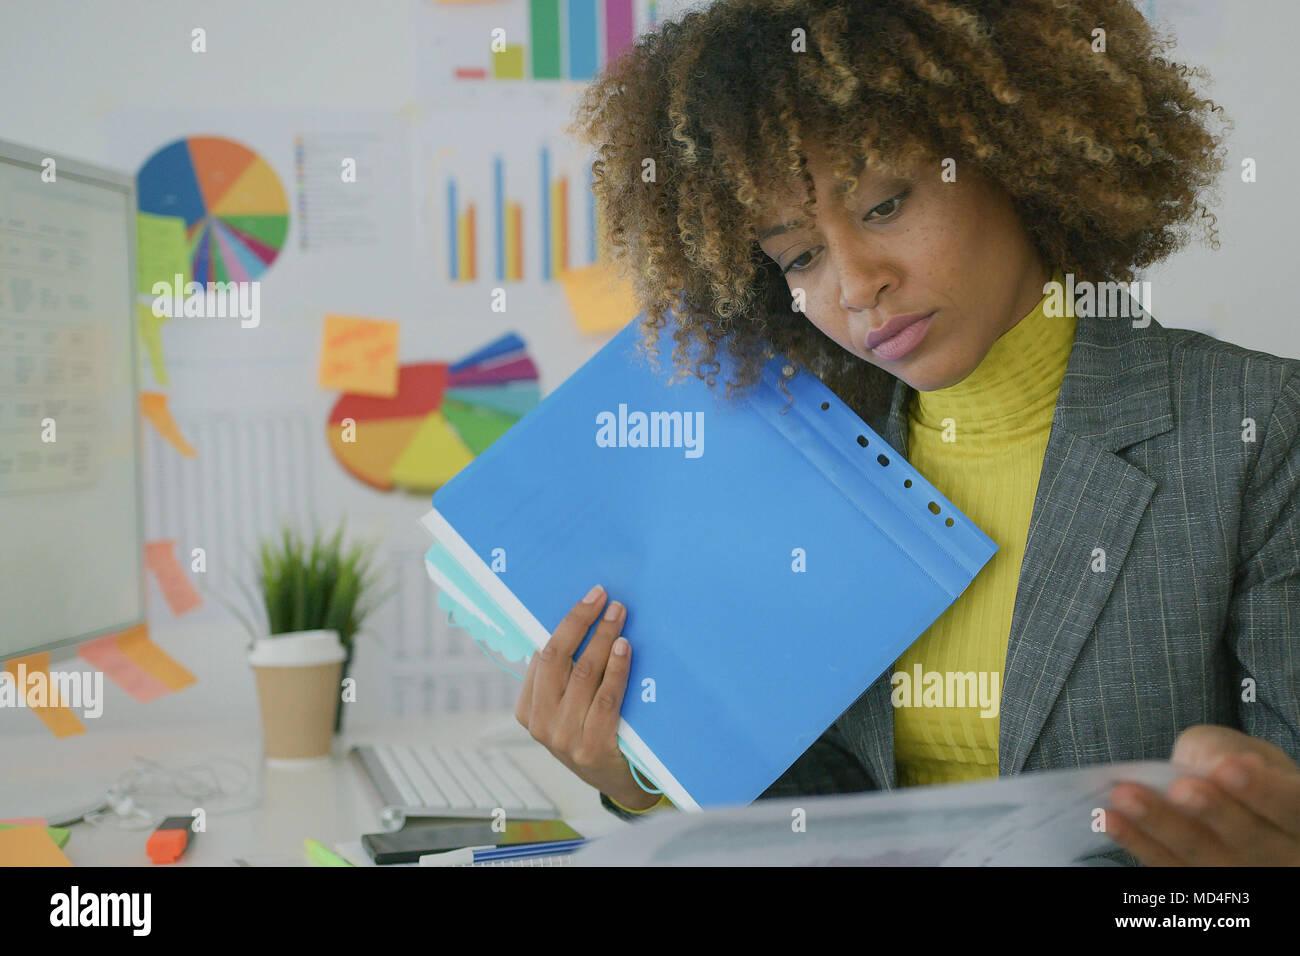 Verantwortlich Arbeitnehmer Erkundung Papiere Stockbild